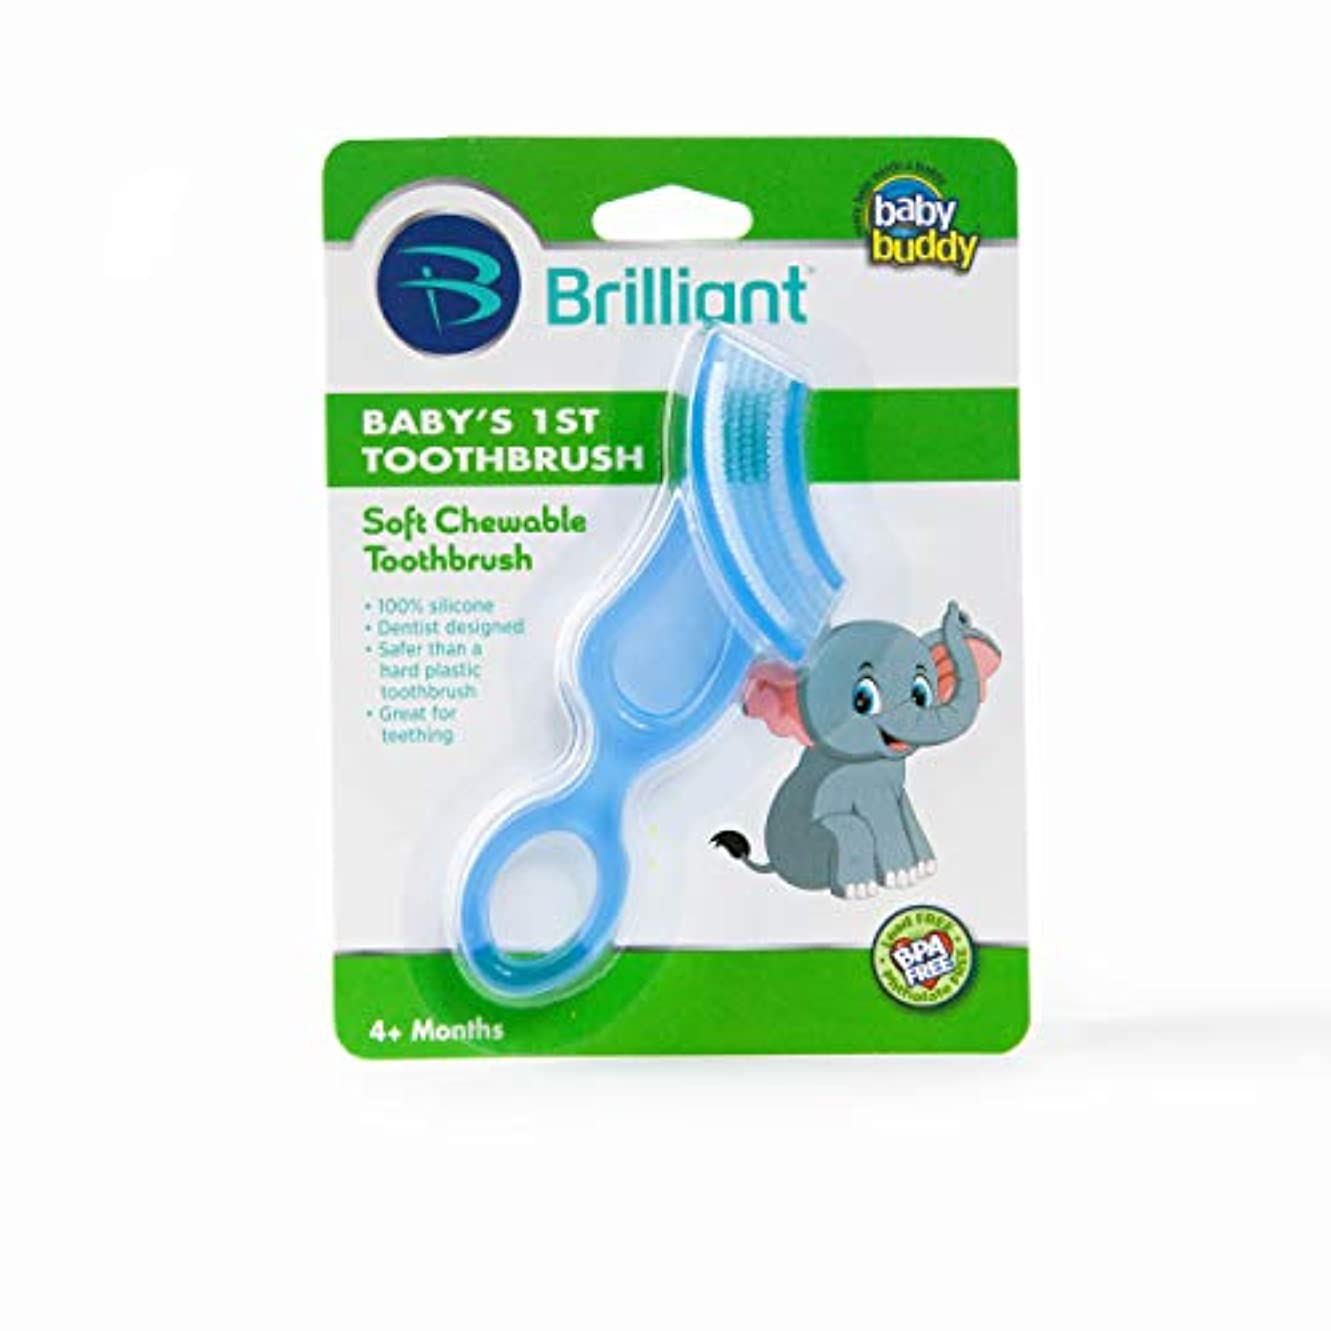 まっすぐ迫害する特殊Baby Buddy Baby's 1st Toothbrush Stage 4 for Babies/Toddlers, Kids Love Them, Blue by Baby Buddy